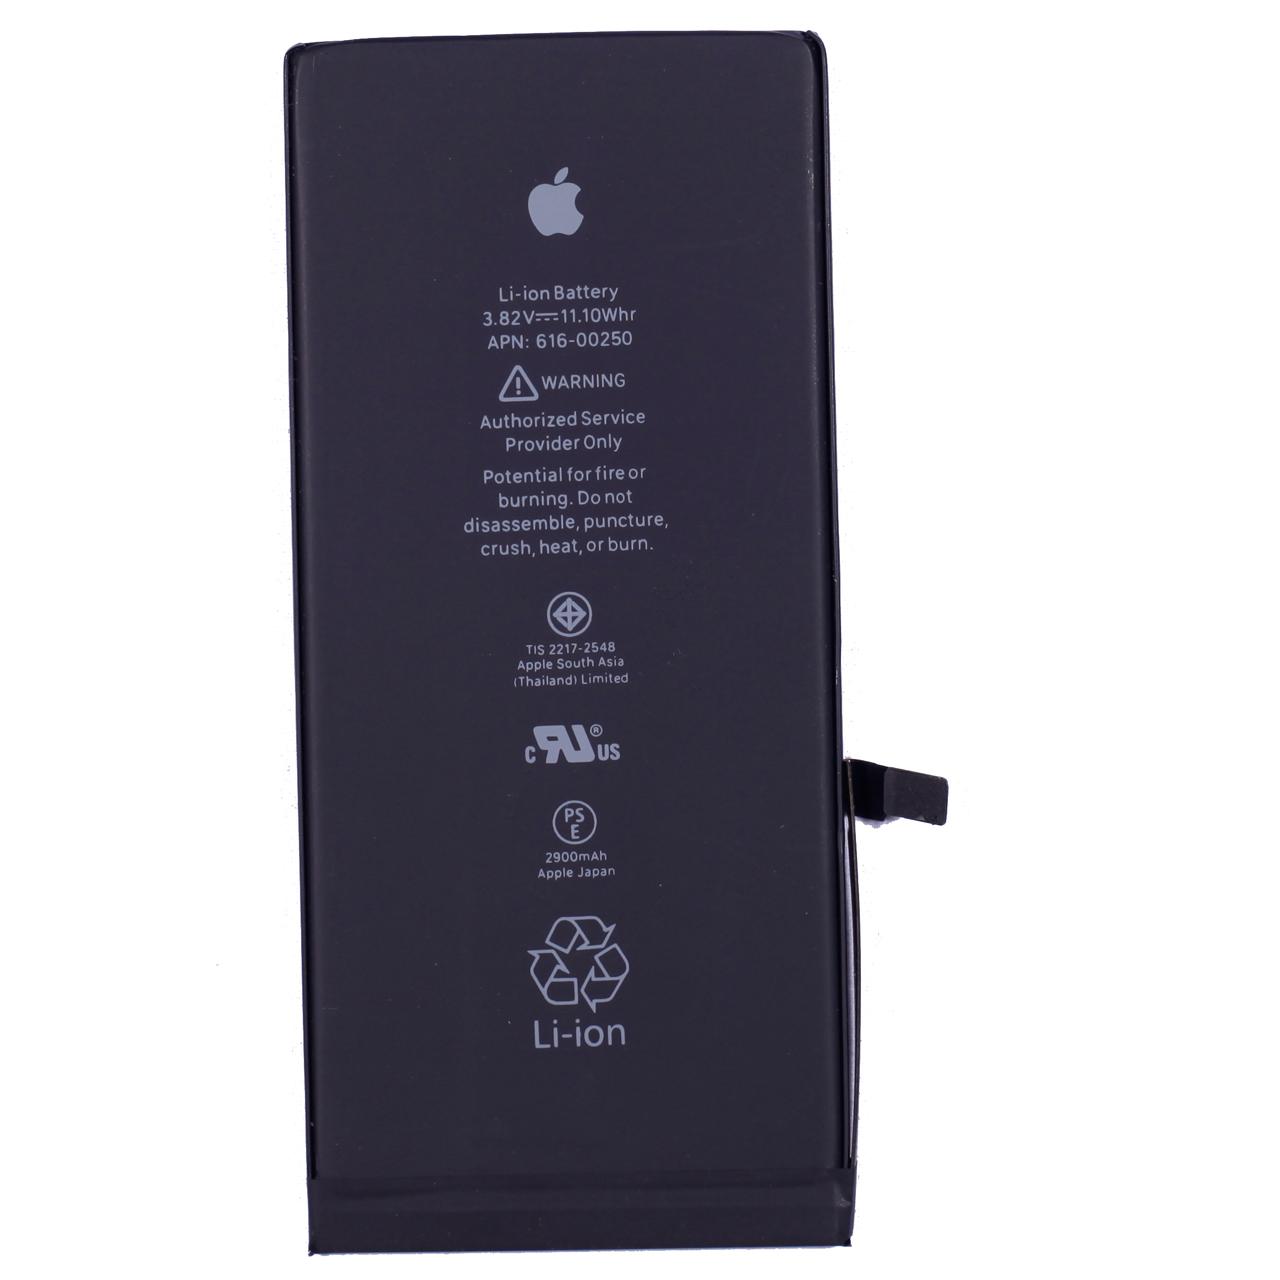 باتری موبایل مدل 00250-616 APN  ظرفیت 2900 میلی آمپر ساعت مناسب برای گوشی موبایل اپل iPhone 7 Plus